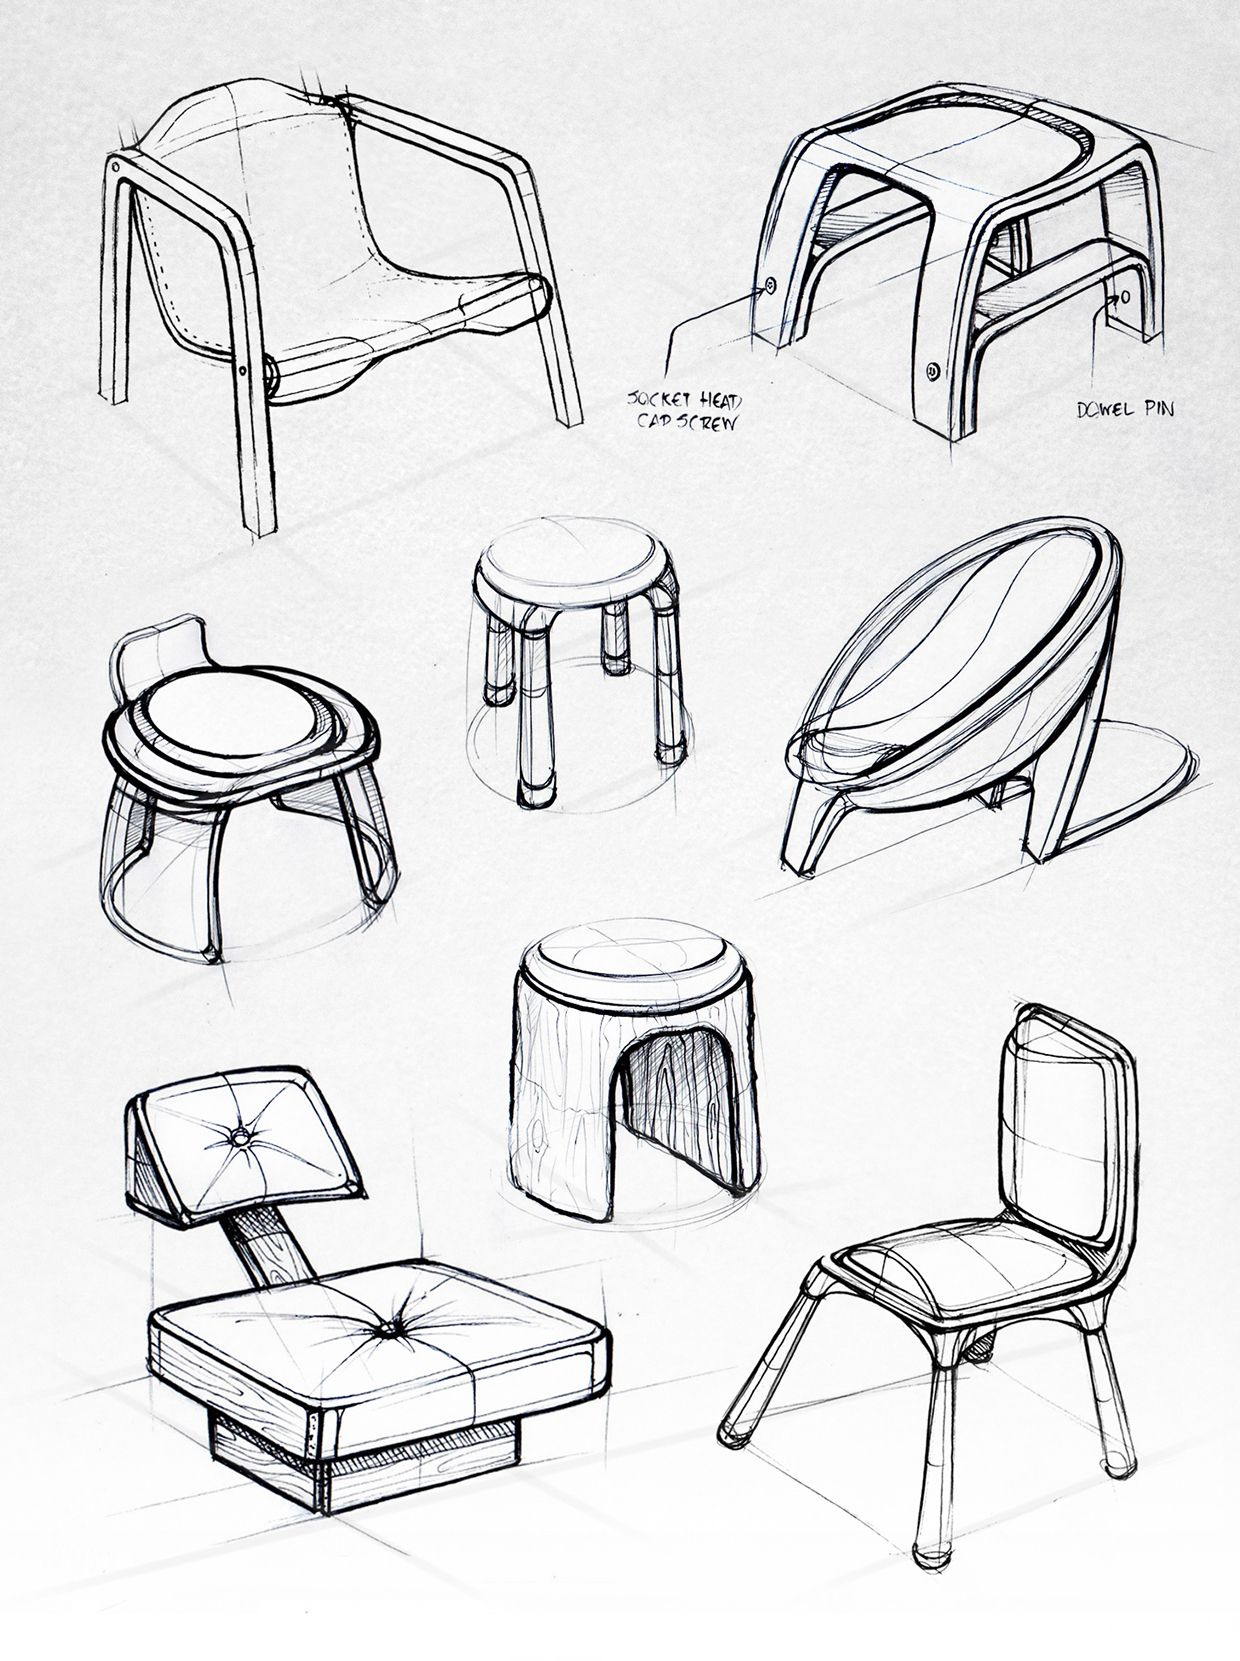 Bildergebnis für design sketch   Industrial Design   Pinterest ...